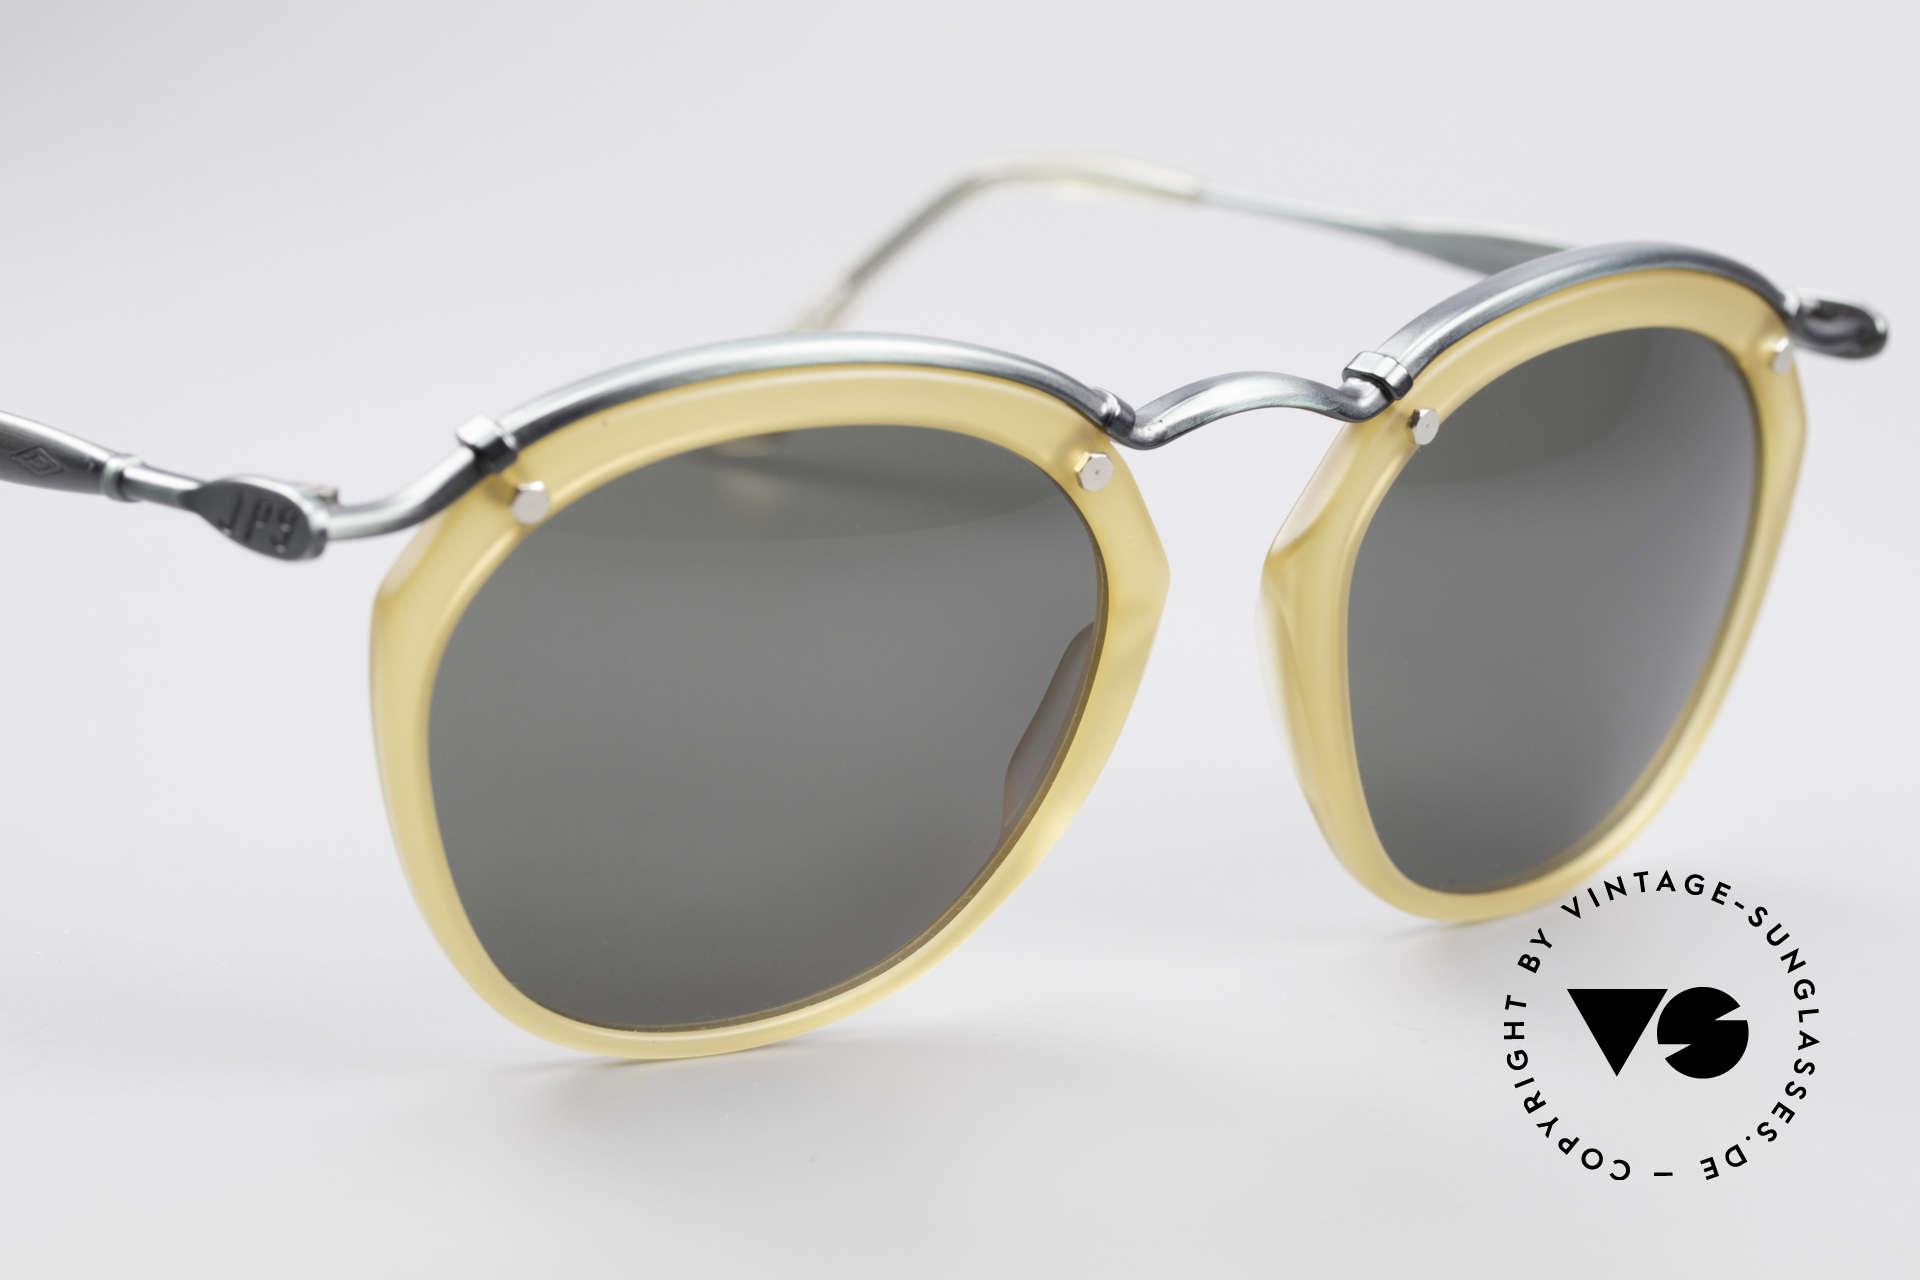 Jean Paul Gaultier 56-1273 Panto Style Sonnenbrille, ungetragen (wie alle unsere vintage J.P.G. Brillen), Passend für Herren und Damen